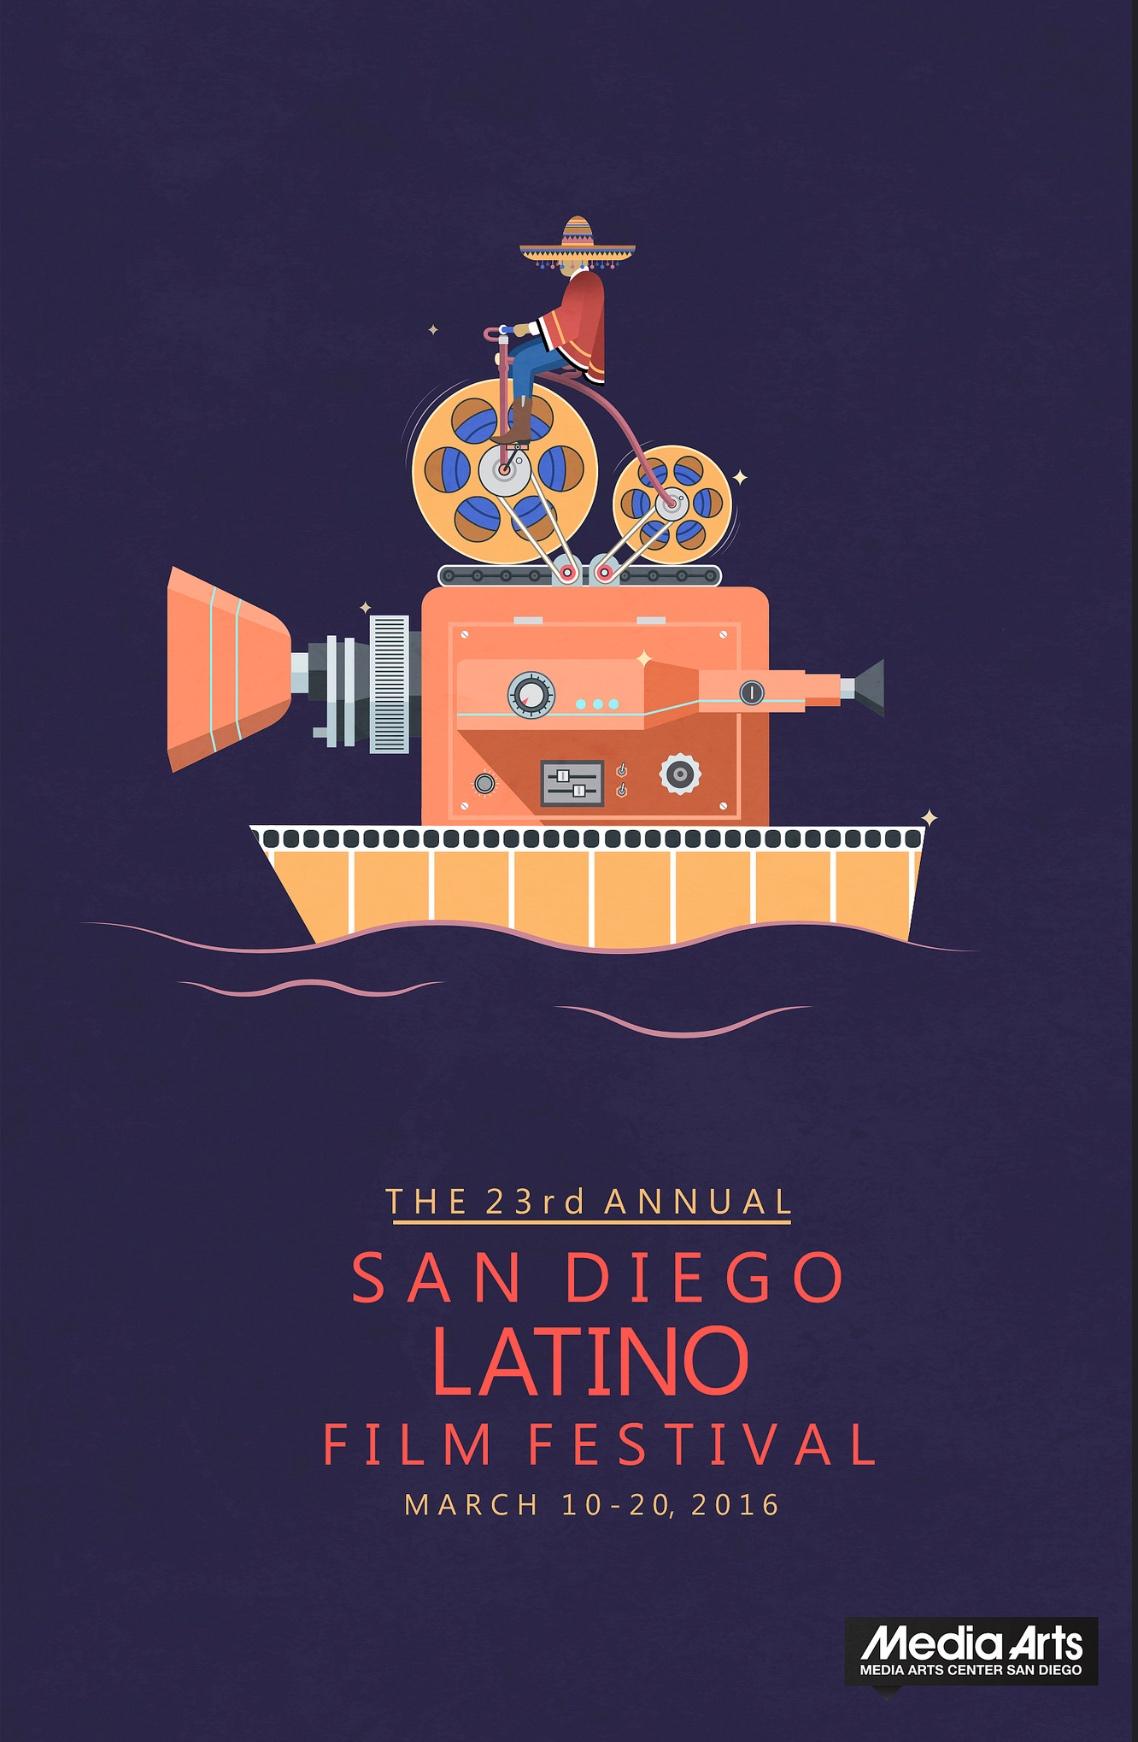 san diego u0026 39 s 23rd annual san diego latino film festival